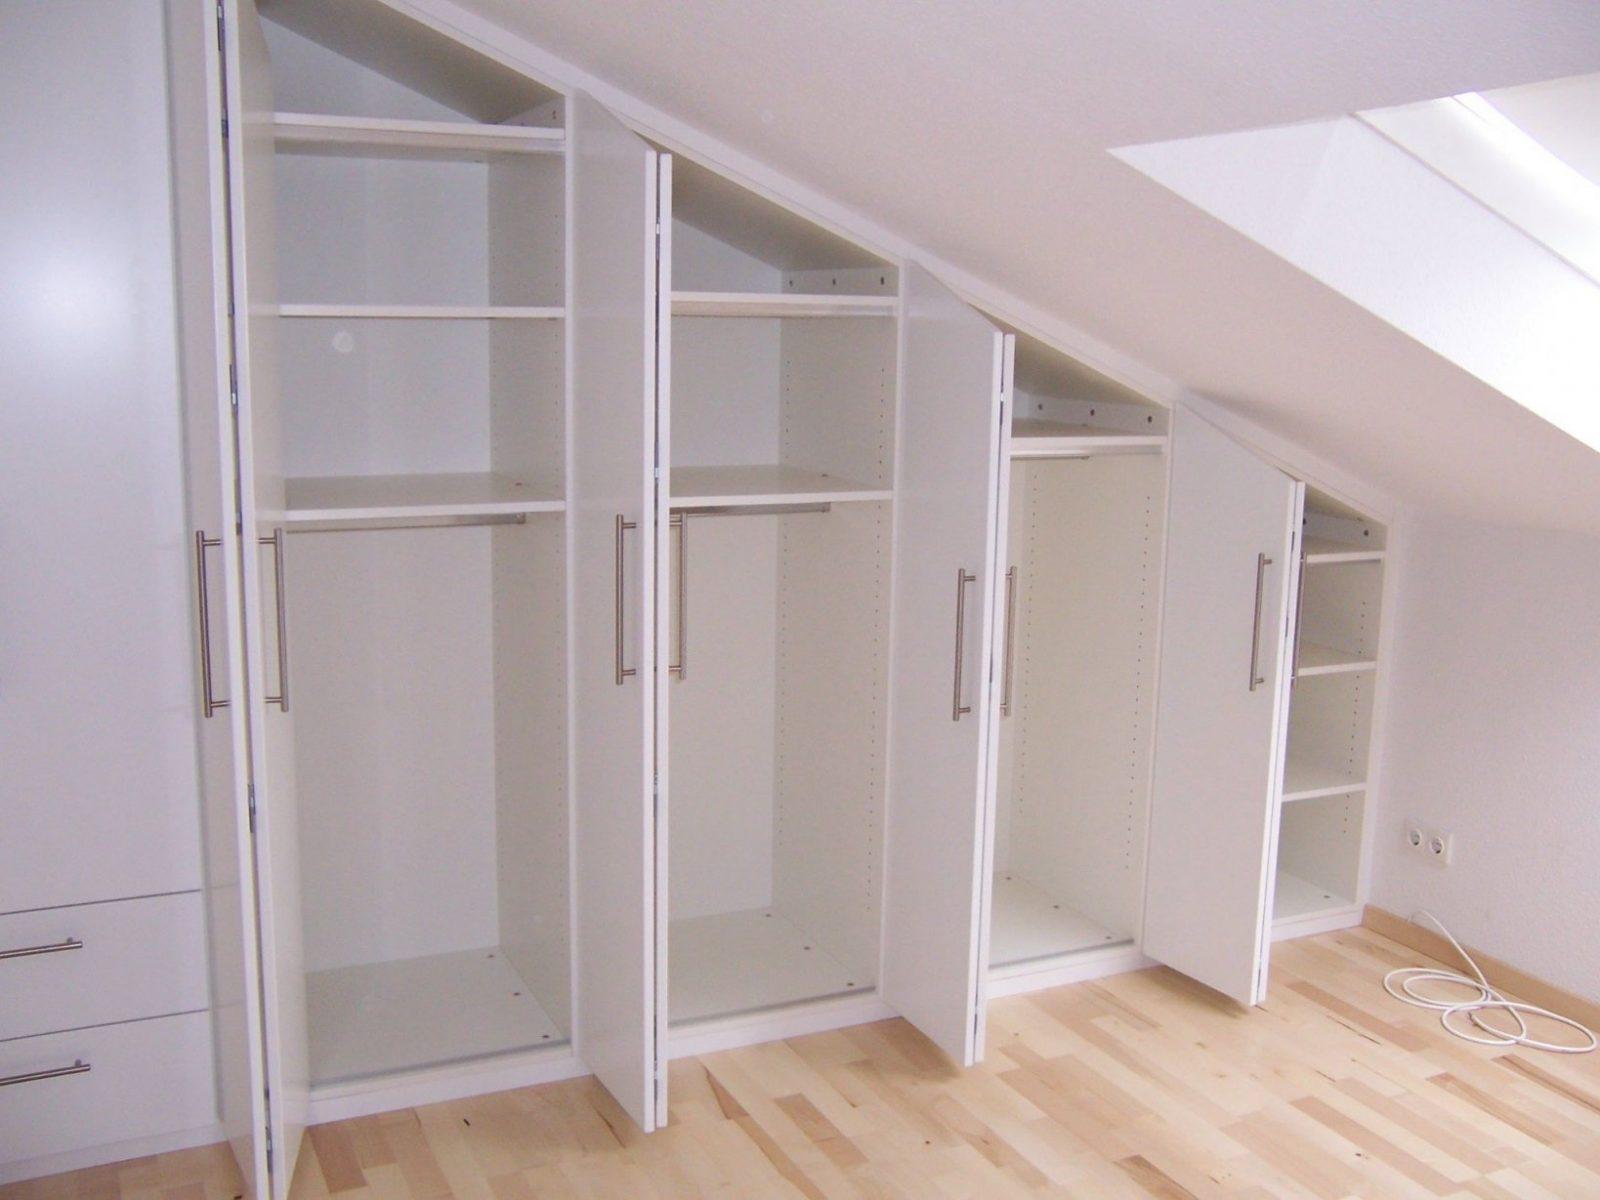 Begehbarer Kleiderschrank Klein Awesome Bilder Kleiner Schrank Weiß von Begehbarer Kleiderschrank Selber Bauen Ikea Photo